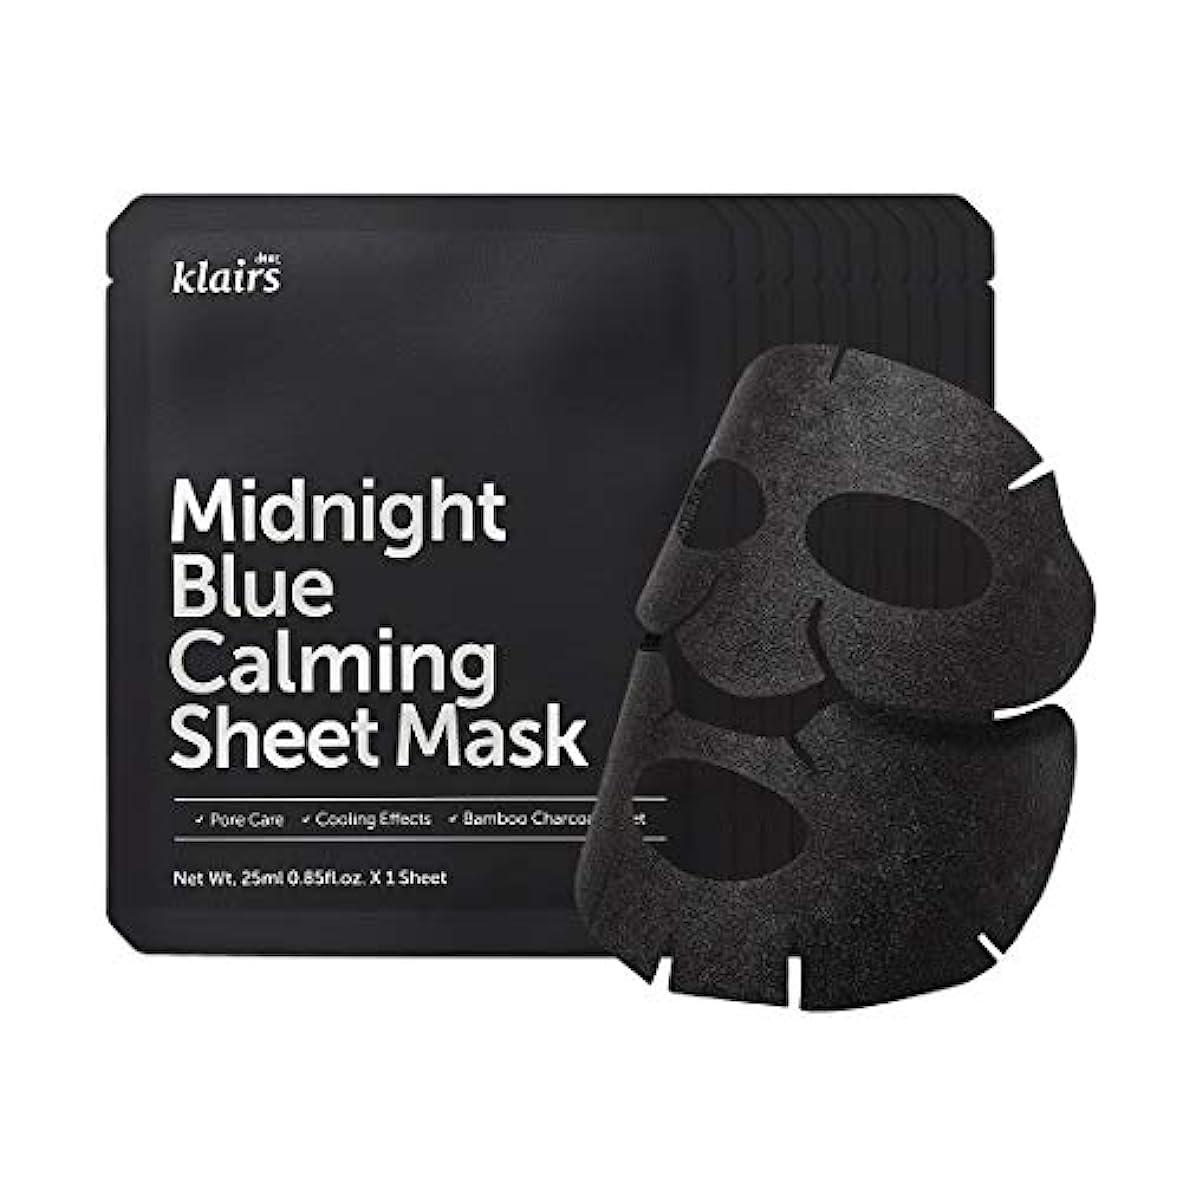 宣言する大混乱名義でクレアスミッドナイトブルーカーミングクリーム25mlX10枚セット (Klairs Midnight Blue Calming Sheet Mask 25mlX10ea) [並行輸入品]